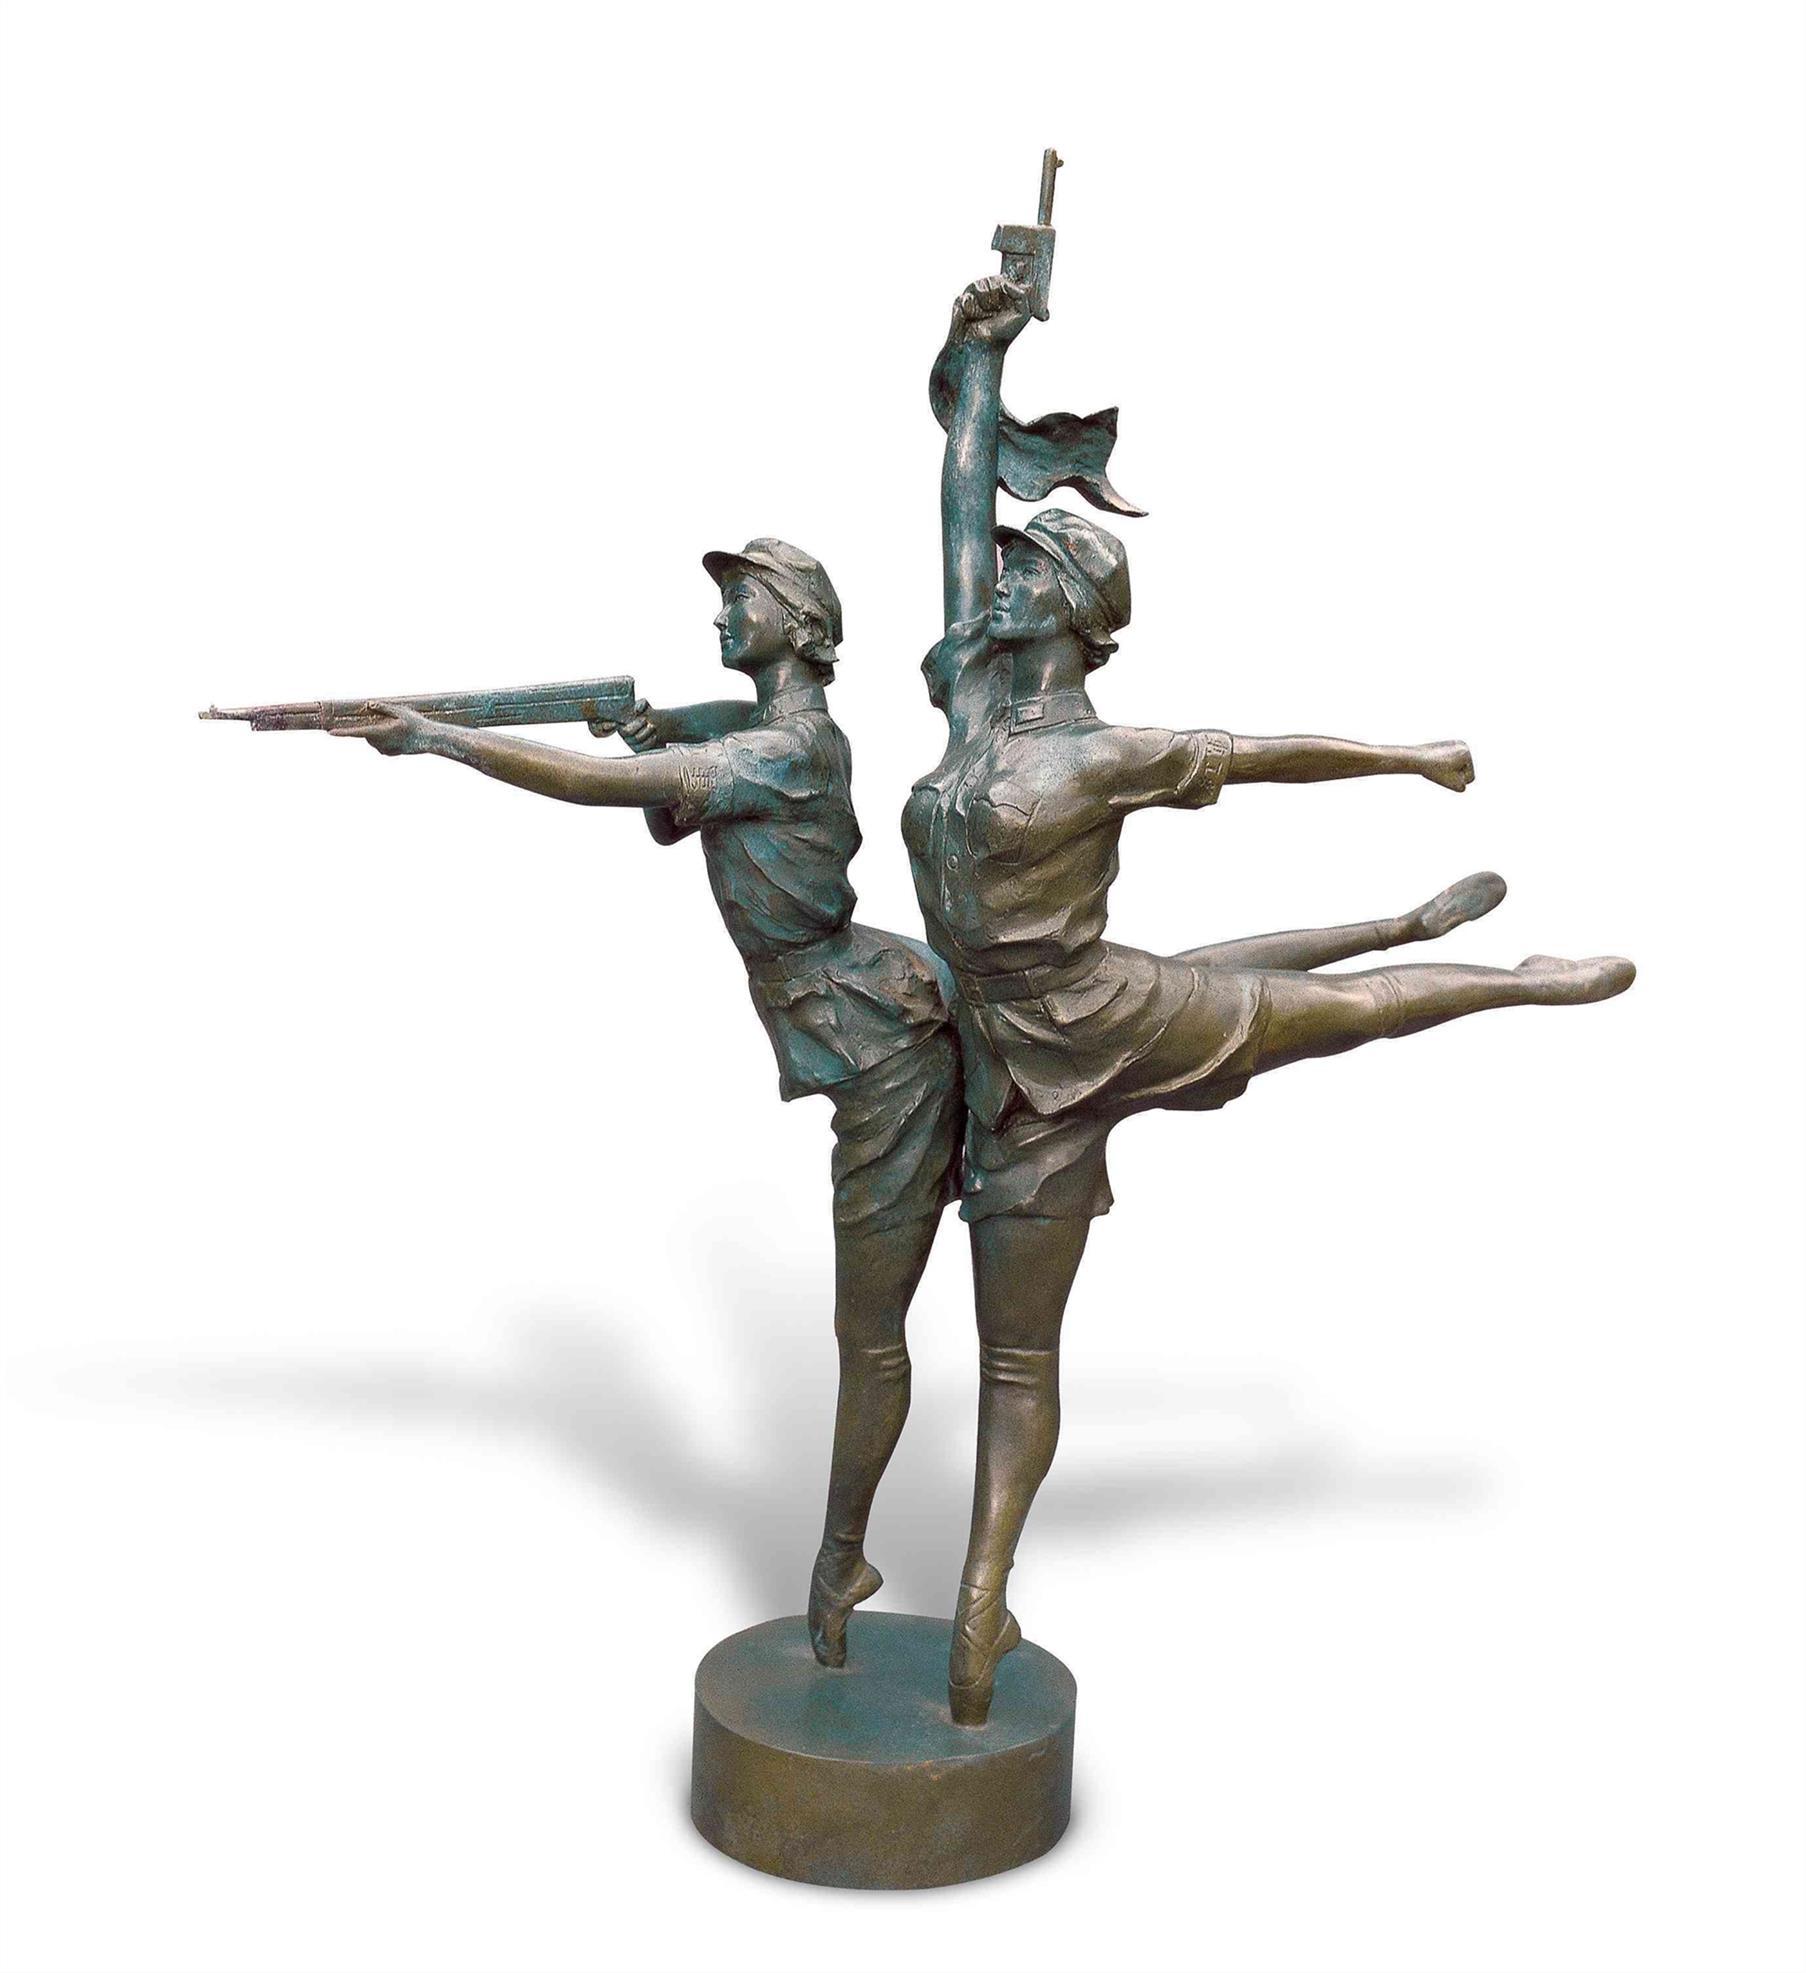 玻璃钢人物雕塑 军旅主题仿铜效果玻璃钢制作 主题雕塑设计